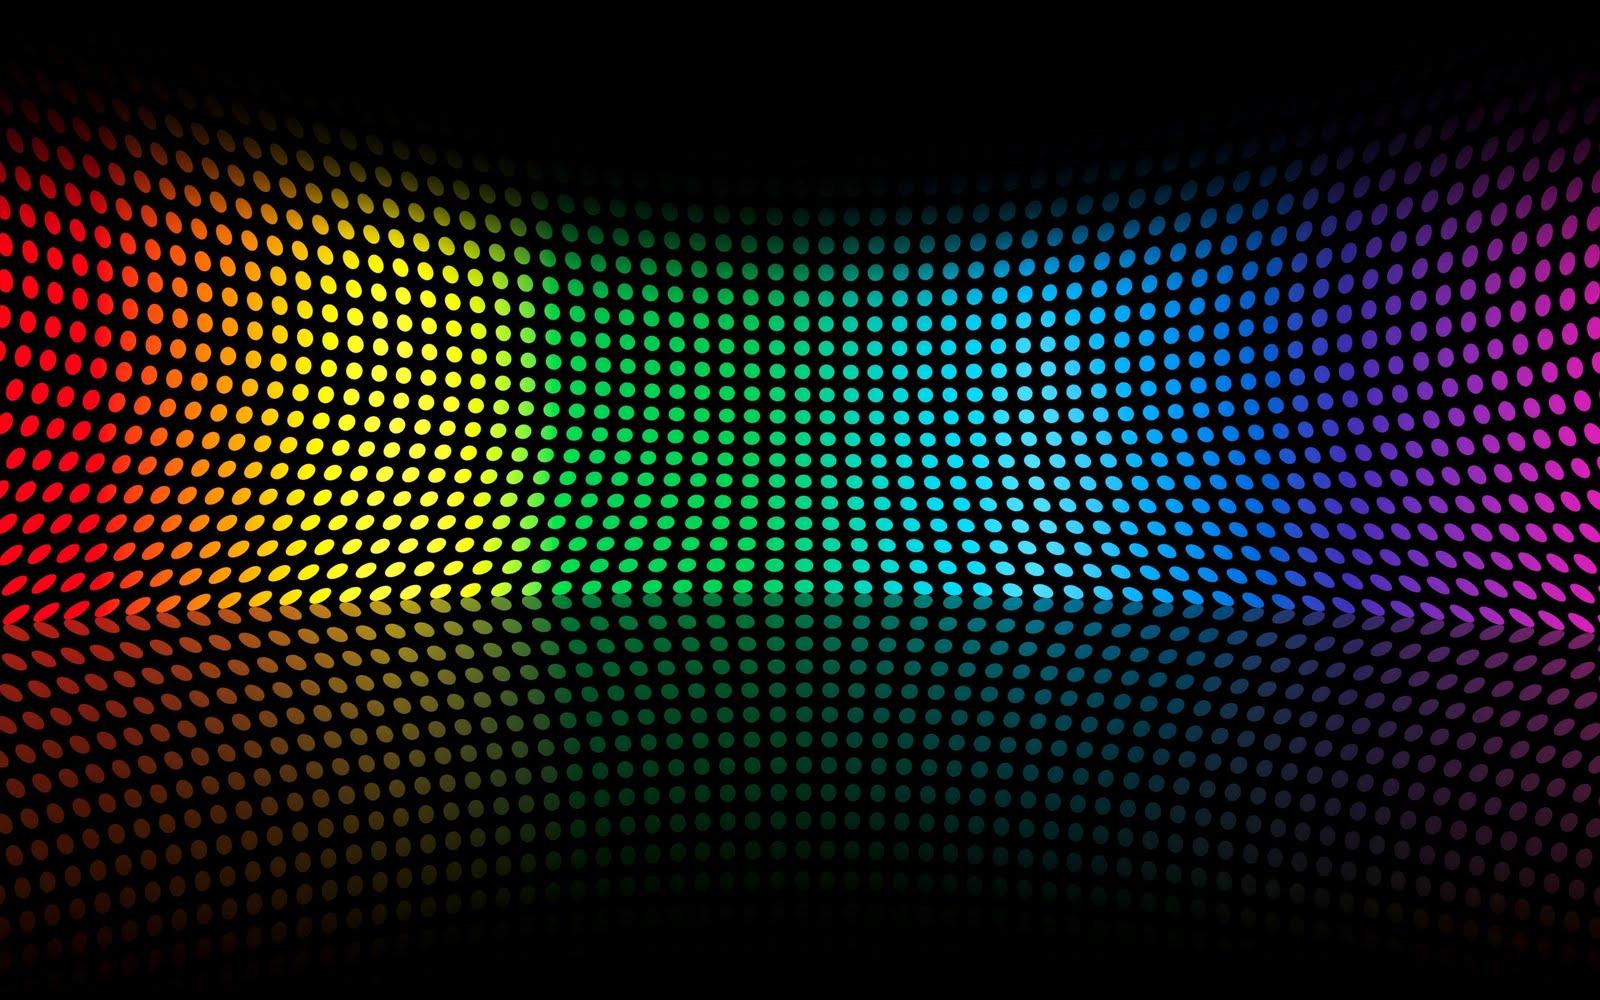 http://4.bp.blogspot.com/-aLmXn4NbISM/T-jT8FXjdgI/AAAAAAAAAOM/7dB-gWmPCNk/s1600/wallpaper+abstratoo.jpg